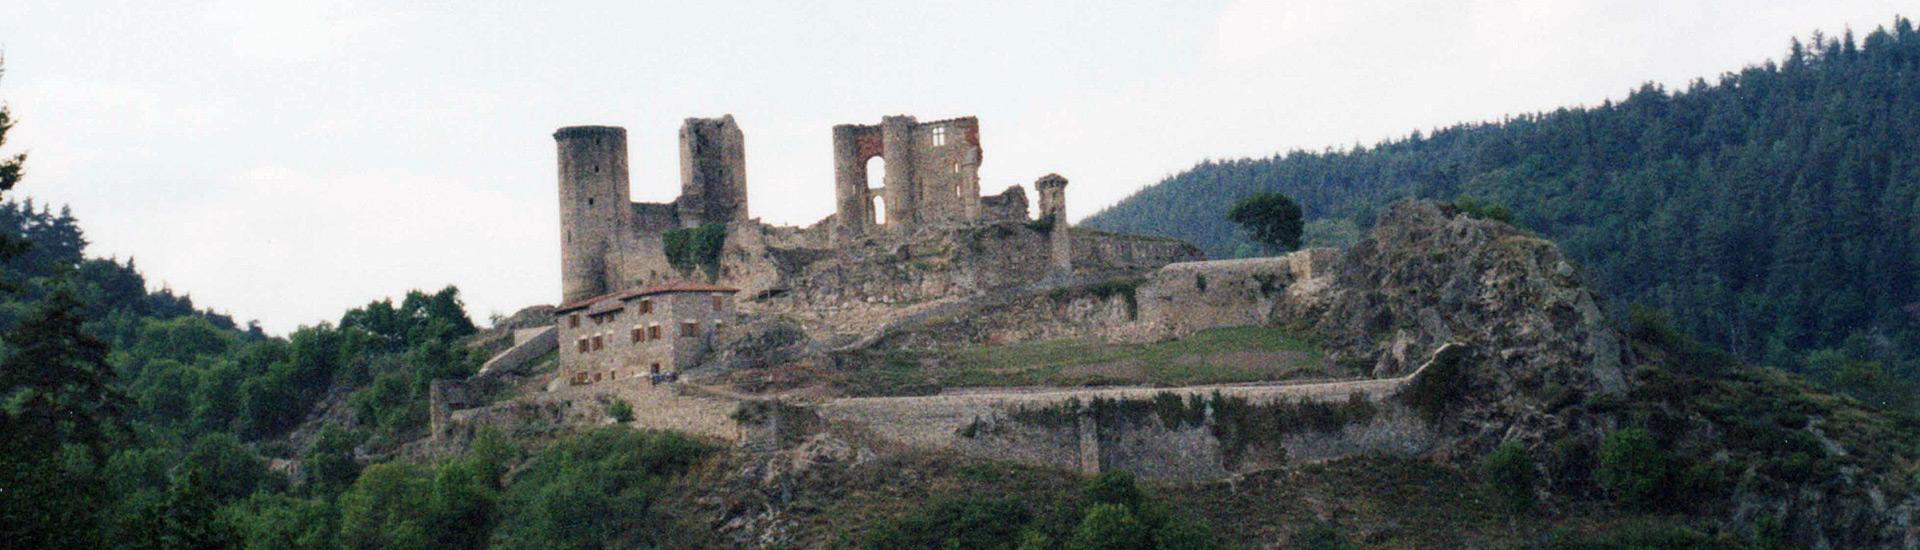 Château de Rochebaron